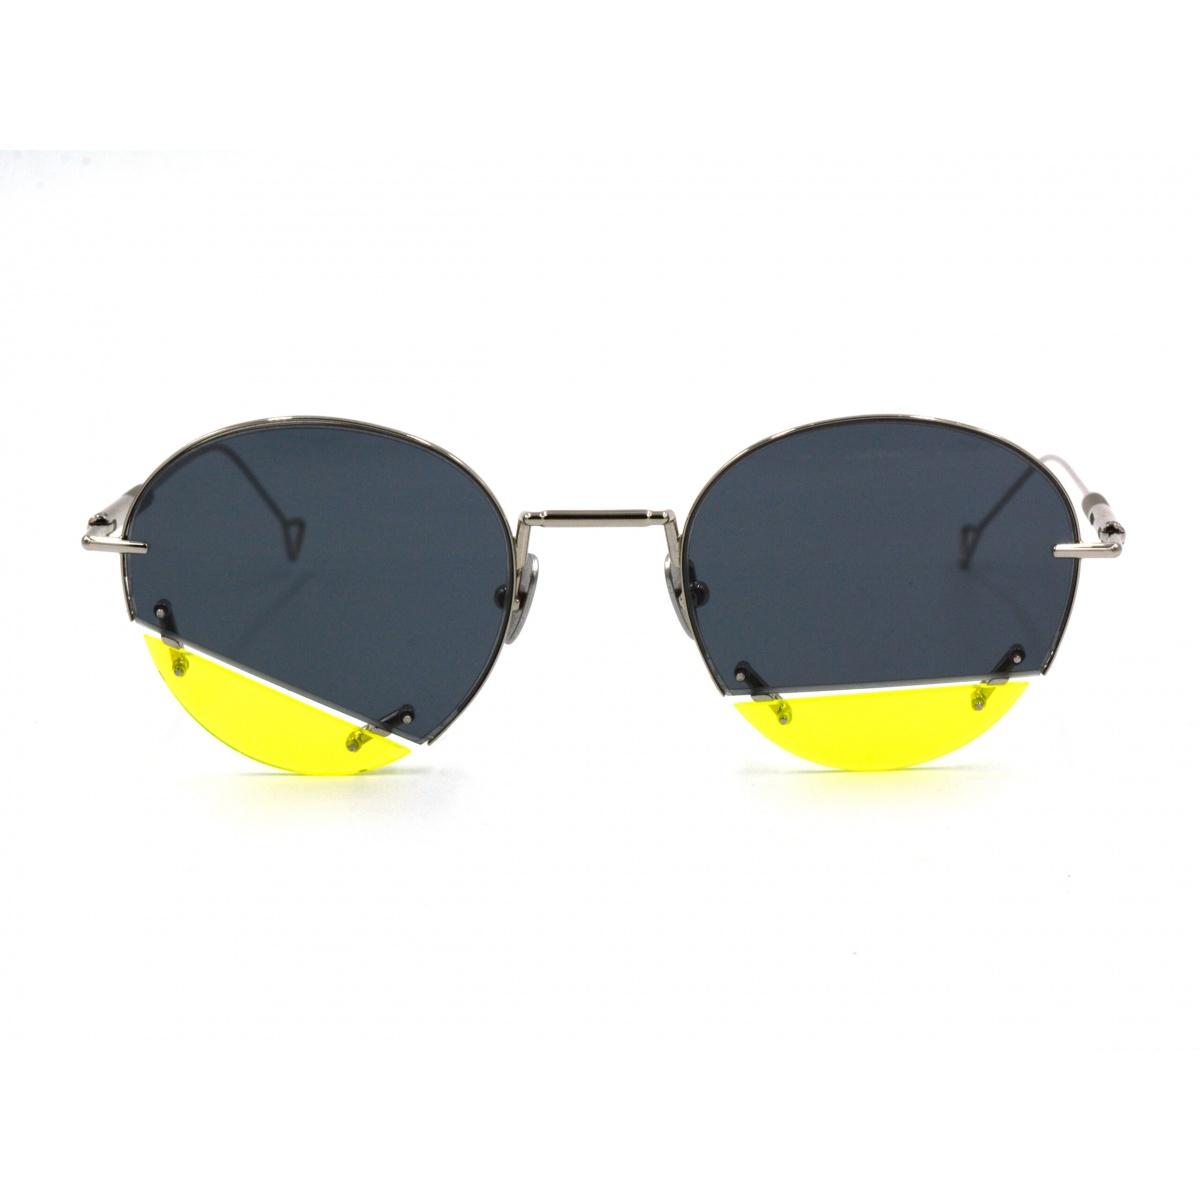 Γυαλιά ηλίου HAZE COLLECTION 55M2 7BK 53-19-145